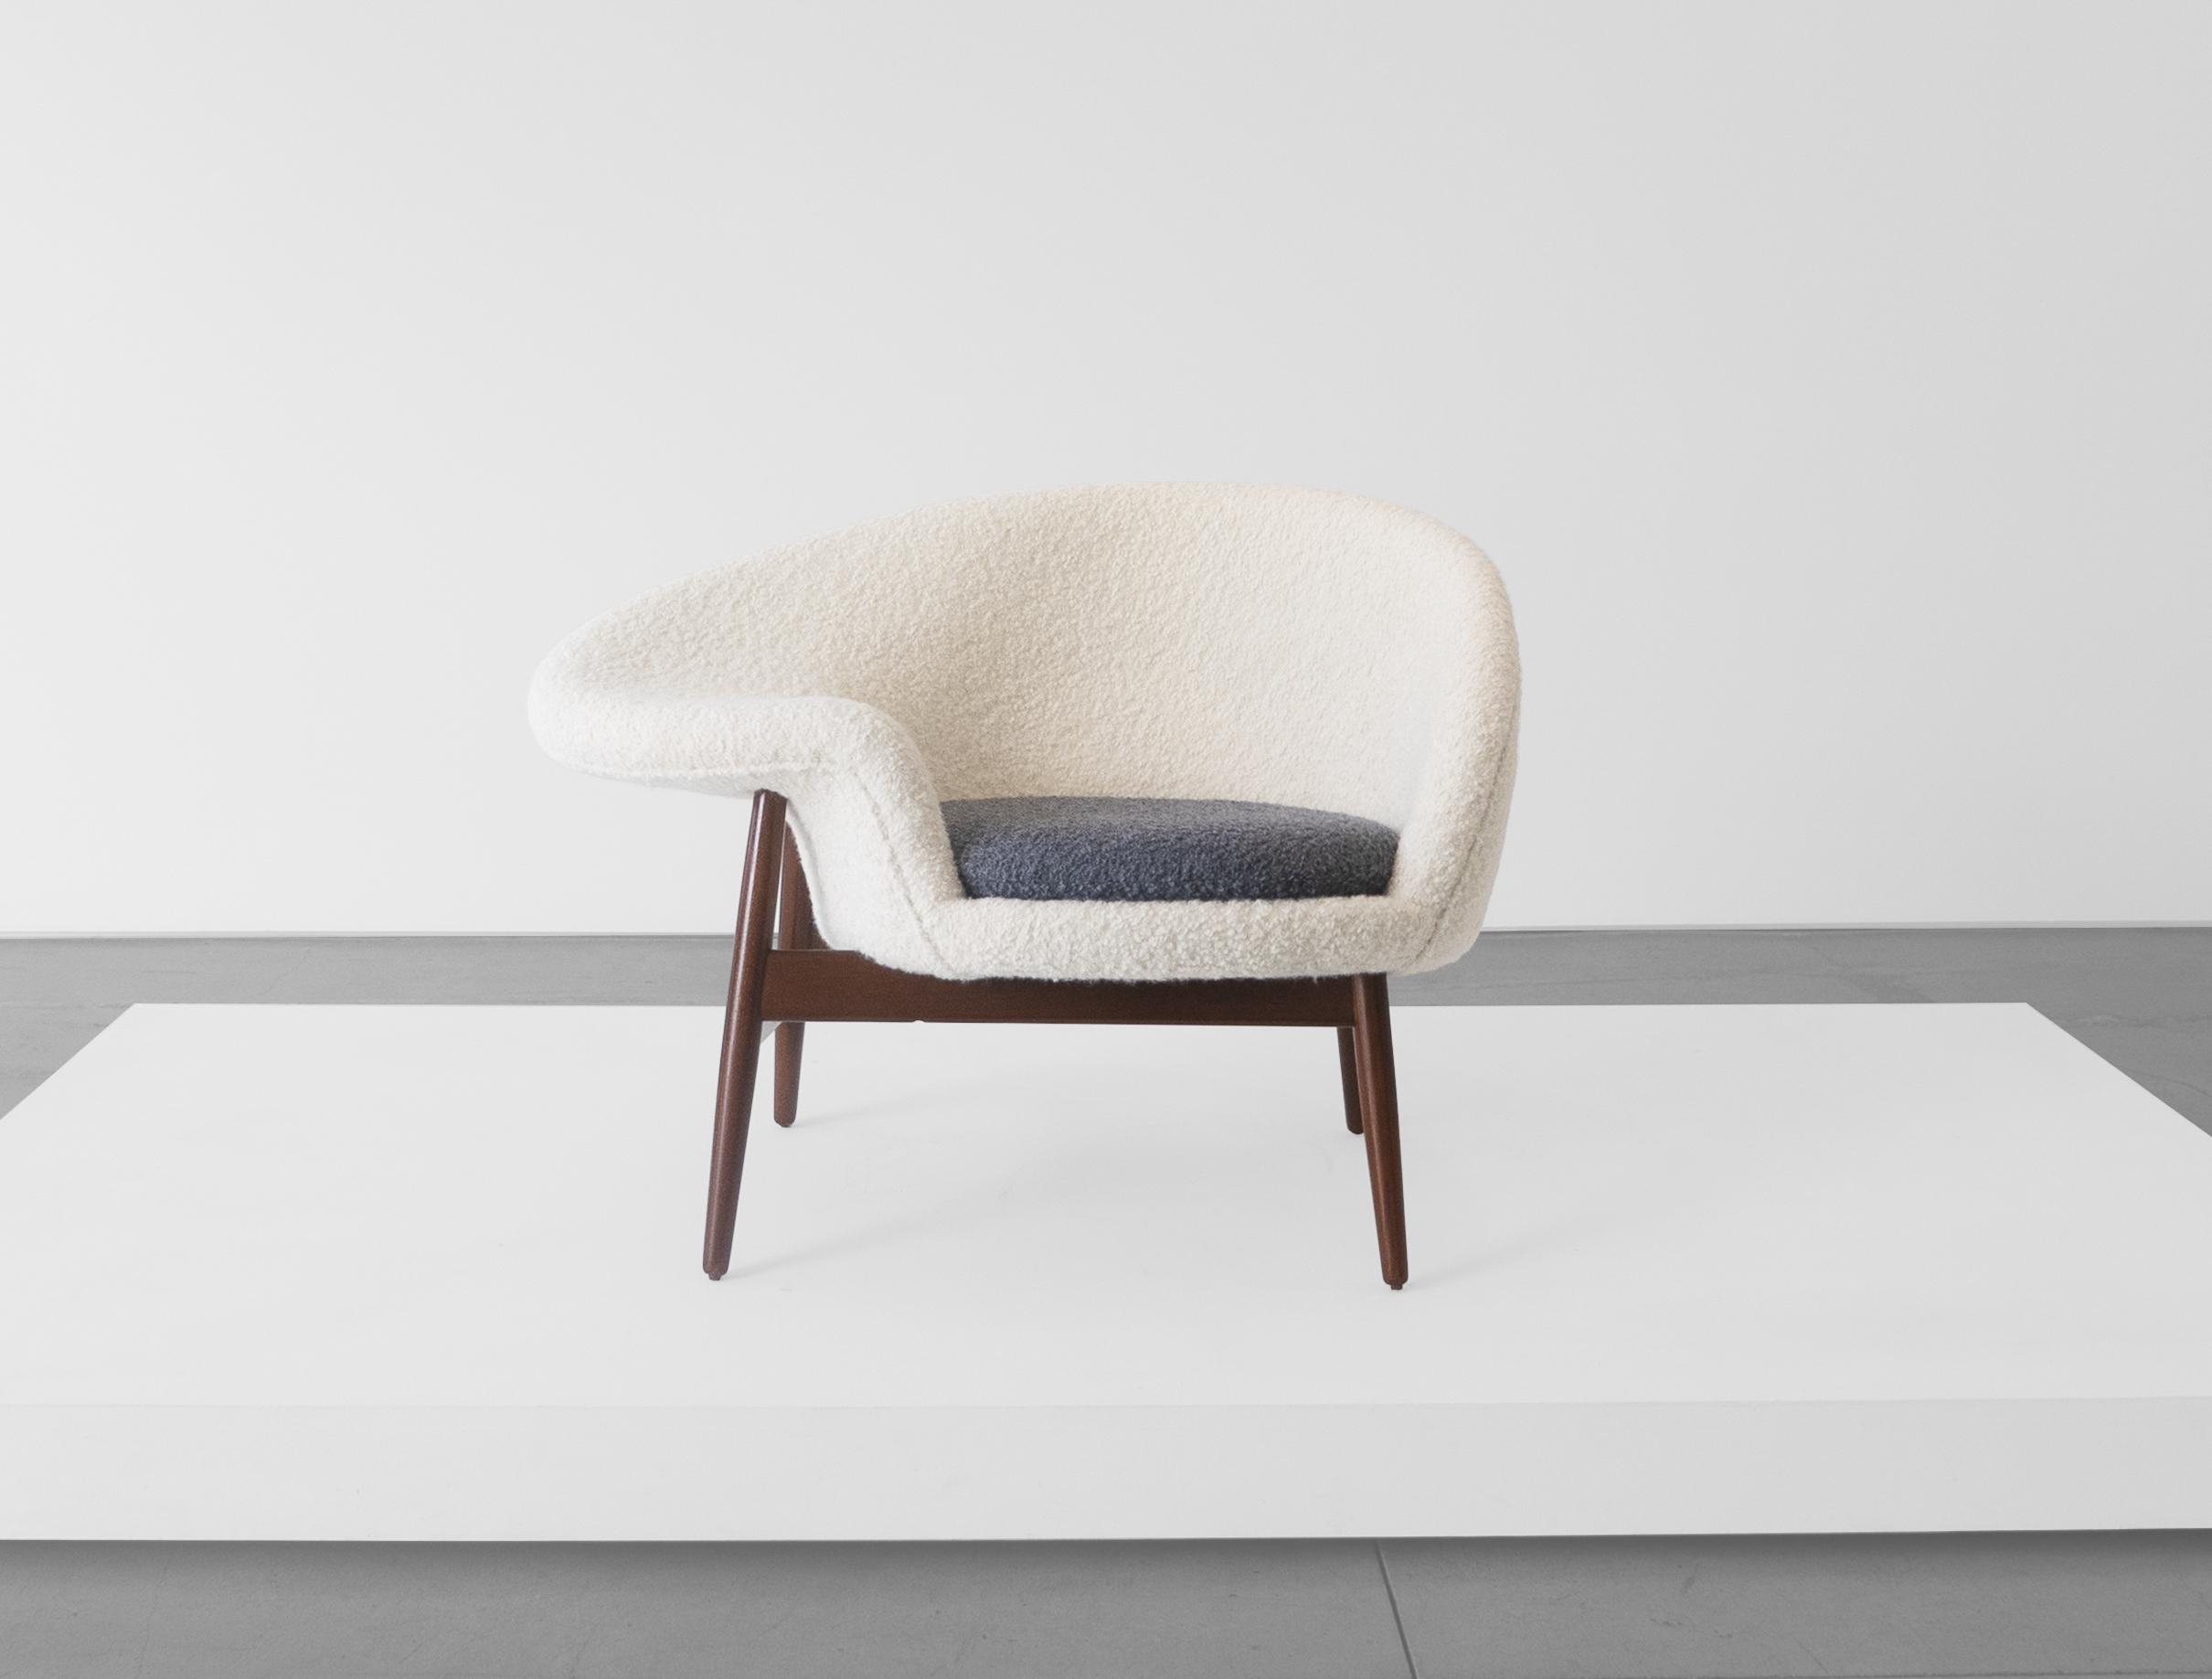 """Hans Olsen, """"Fried Egg"""" Chair 2, c. 1956, Teak, Upholstery, 26 H x 40 W x 30 D inches_1.jpg"""